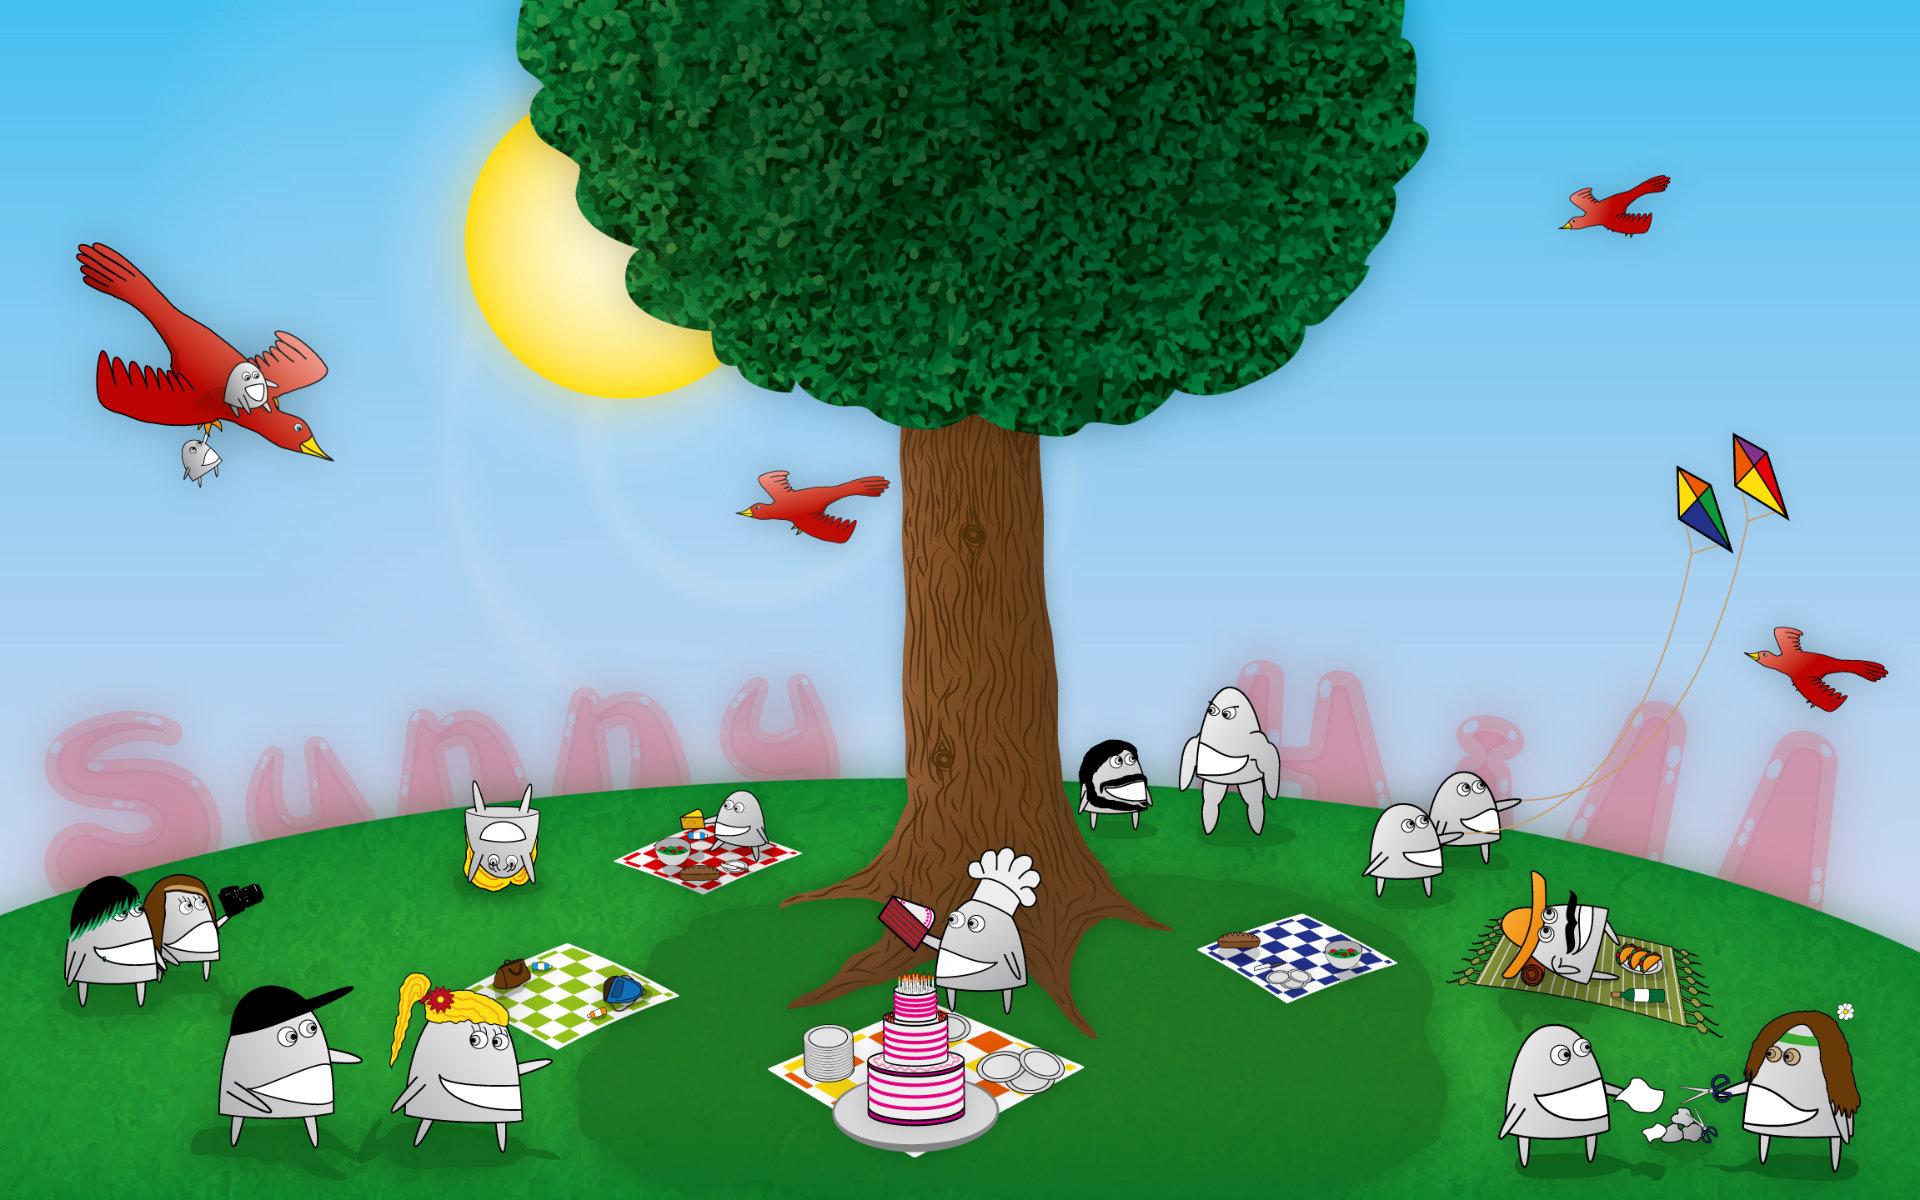 Teacup Creatures, die Cartoon Illustrationen von Stephan Böhm, spielen auf einem sonnigen Hügel